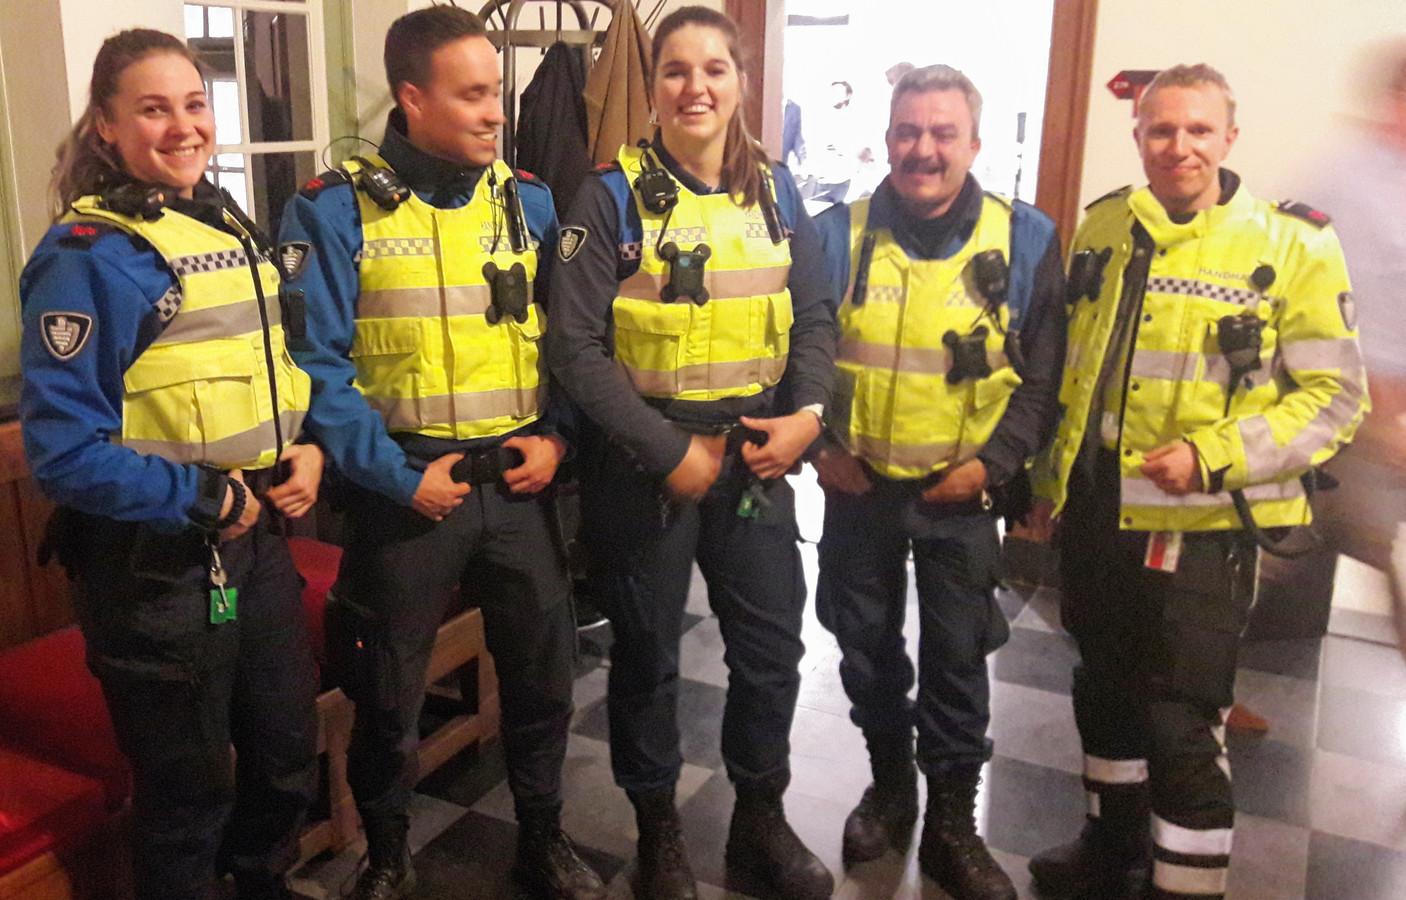 Boa's op bezoek bij de gemeenteraad van Breda, waar wordt gepraat over hun bewapening.